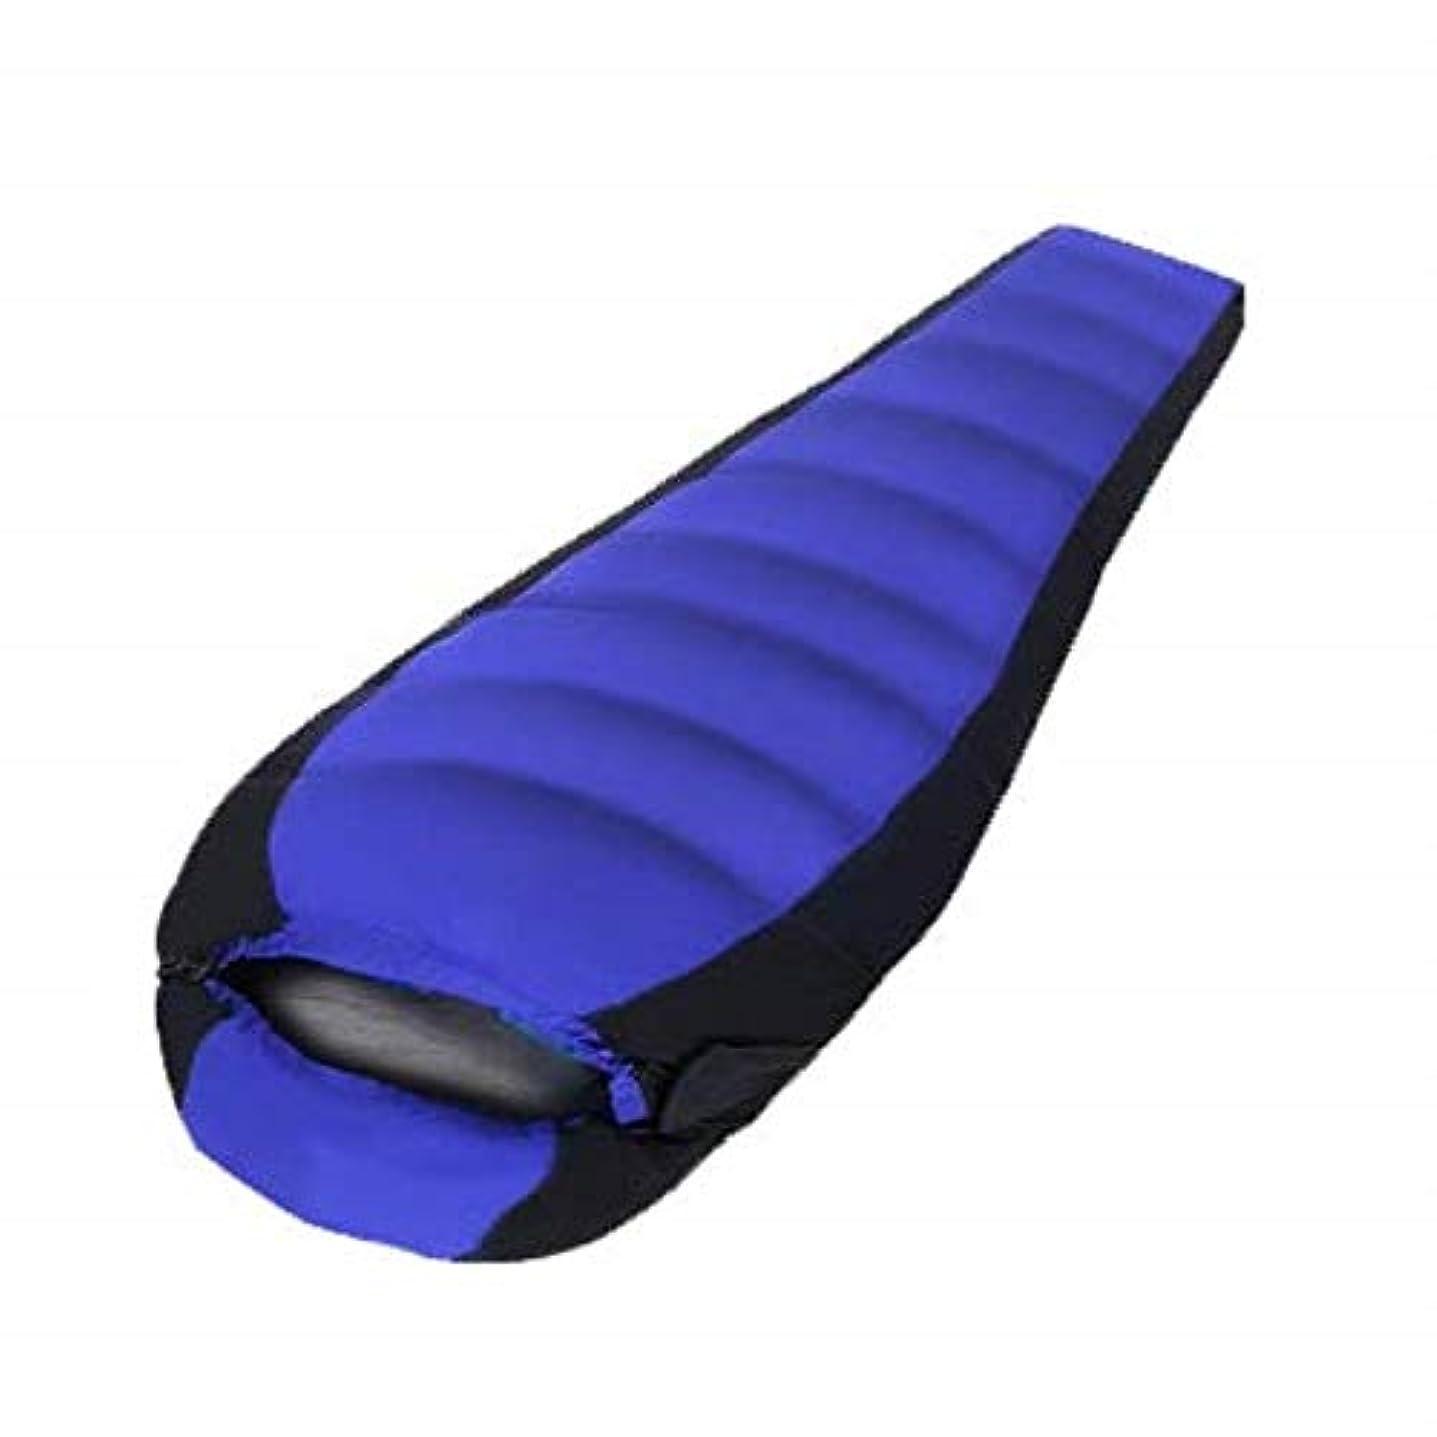 つぶやき移住するマインド圧縮ポケット付き屋外軽量寝袋 - 夏のバックパック用に設計された超軽量の男性と女性のママバッグ (色 : 青)